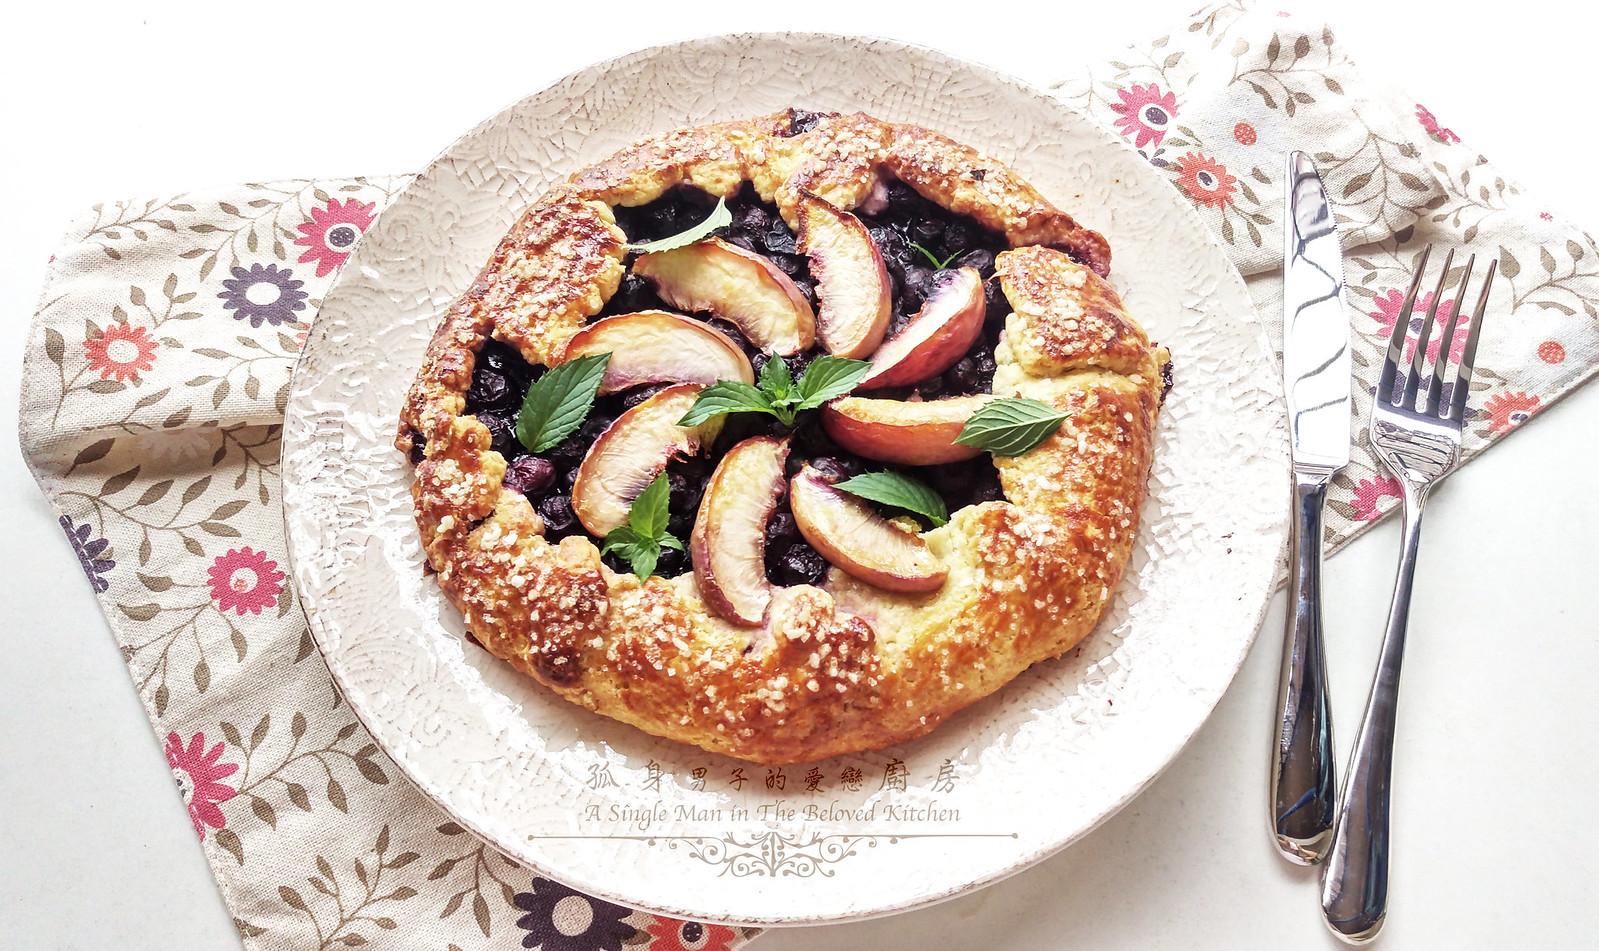 孤身廚房-藍莓甜桃法式烘餅Blueberry-Nectarin Galette32